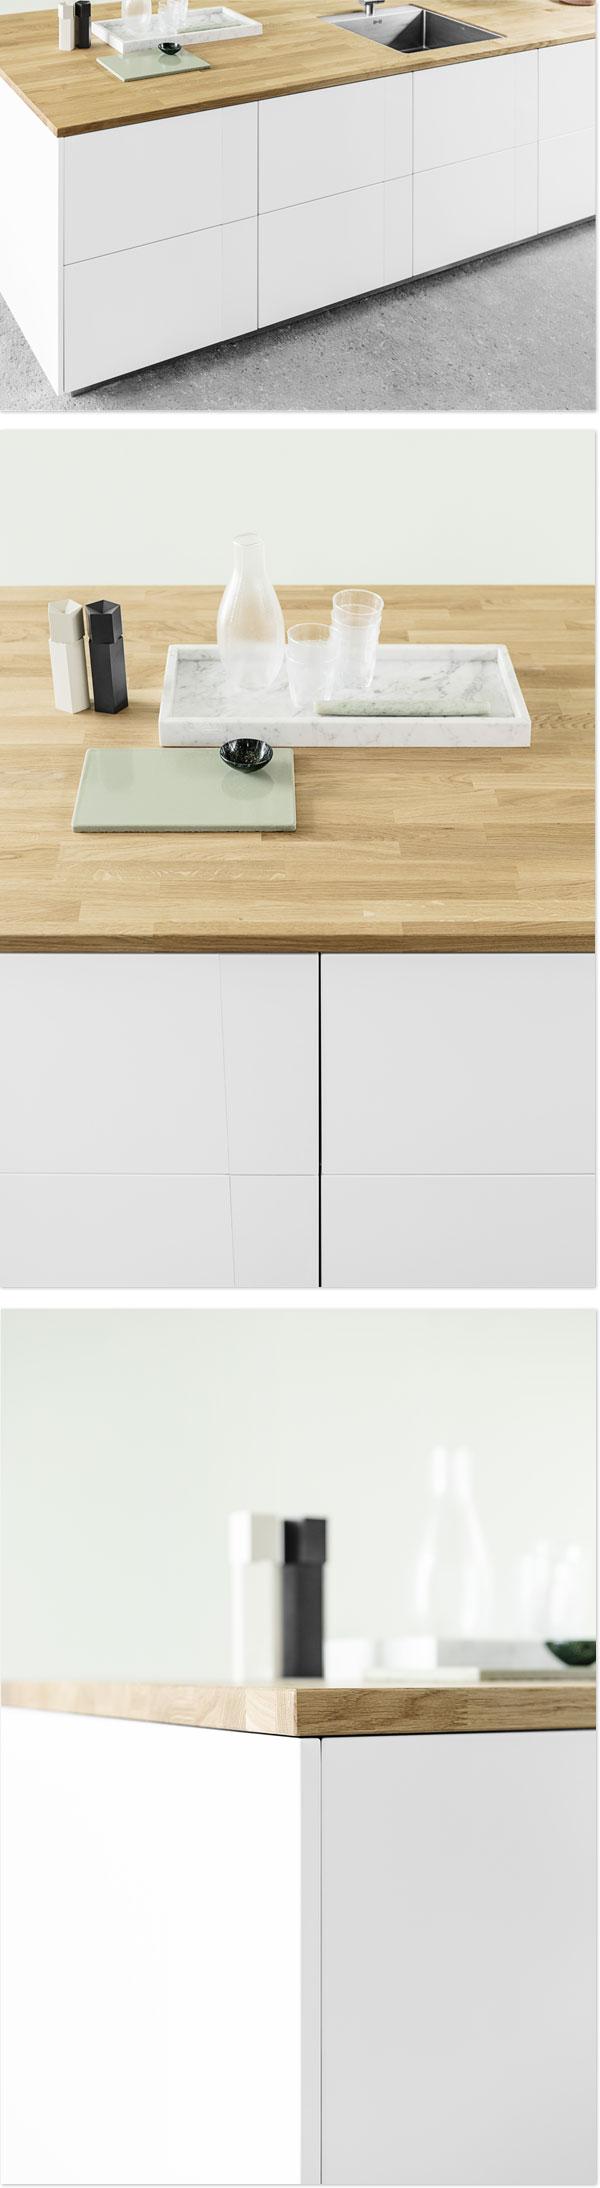 Wie sollte deine neue Küche aussehen?